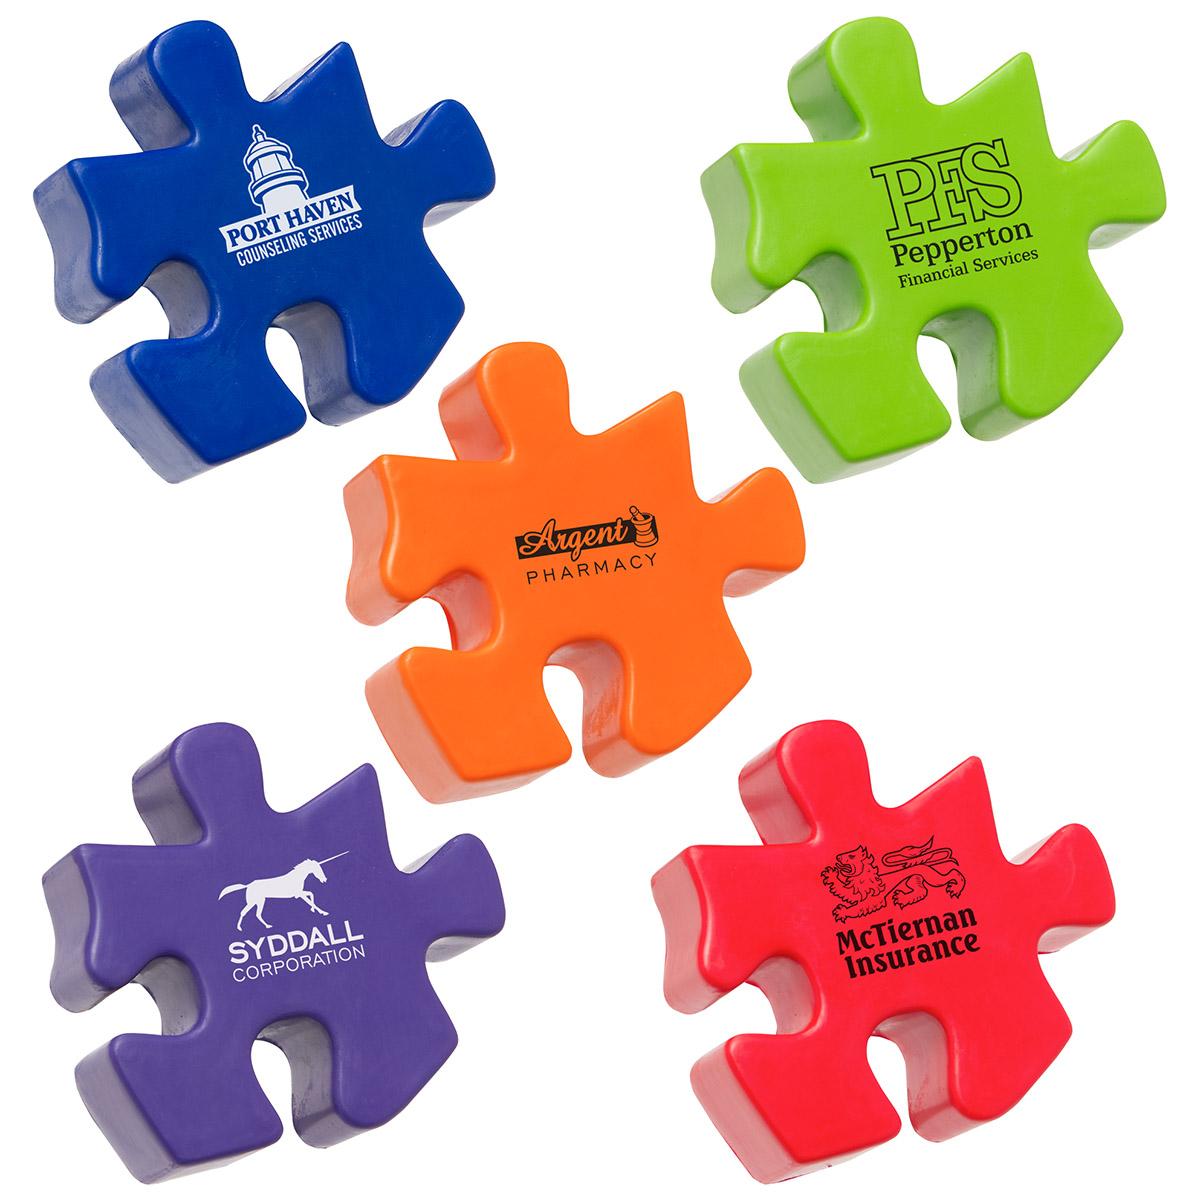 Puzzle Piece Stress Reliever, LGS-PZ01 - 1 Colour Imprint